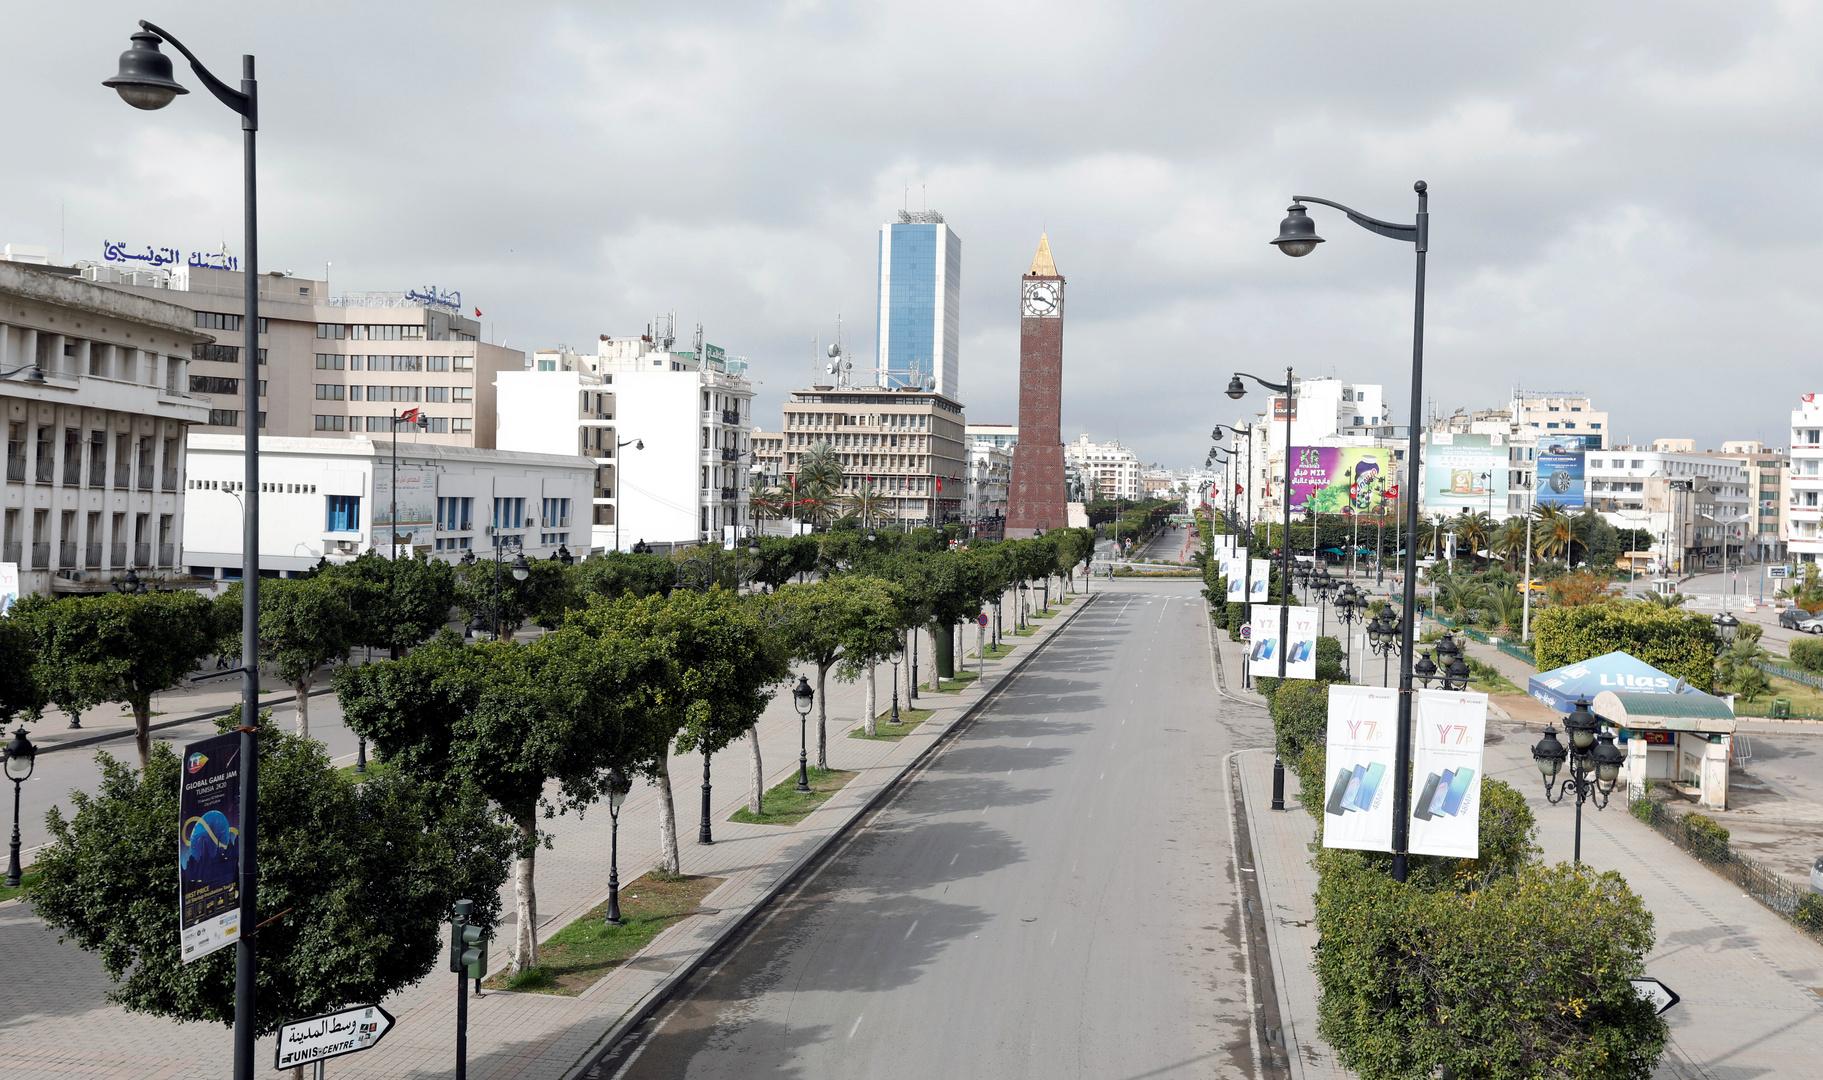 وزير الصحة التونسي يؤكد خطورة الوضع الوبائي ويدعو لفرض حجر صحي شامل